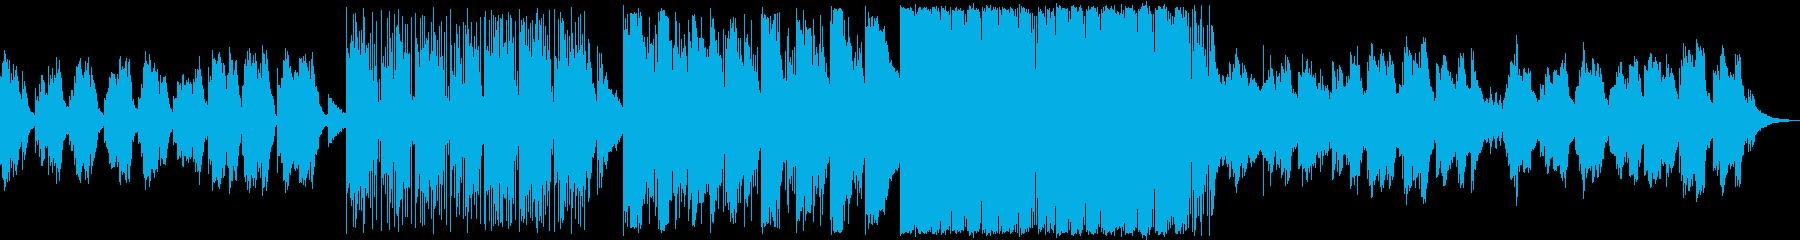 打楽器の絶妙なピアノオスチナートの再生済みの波形